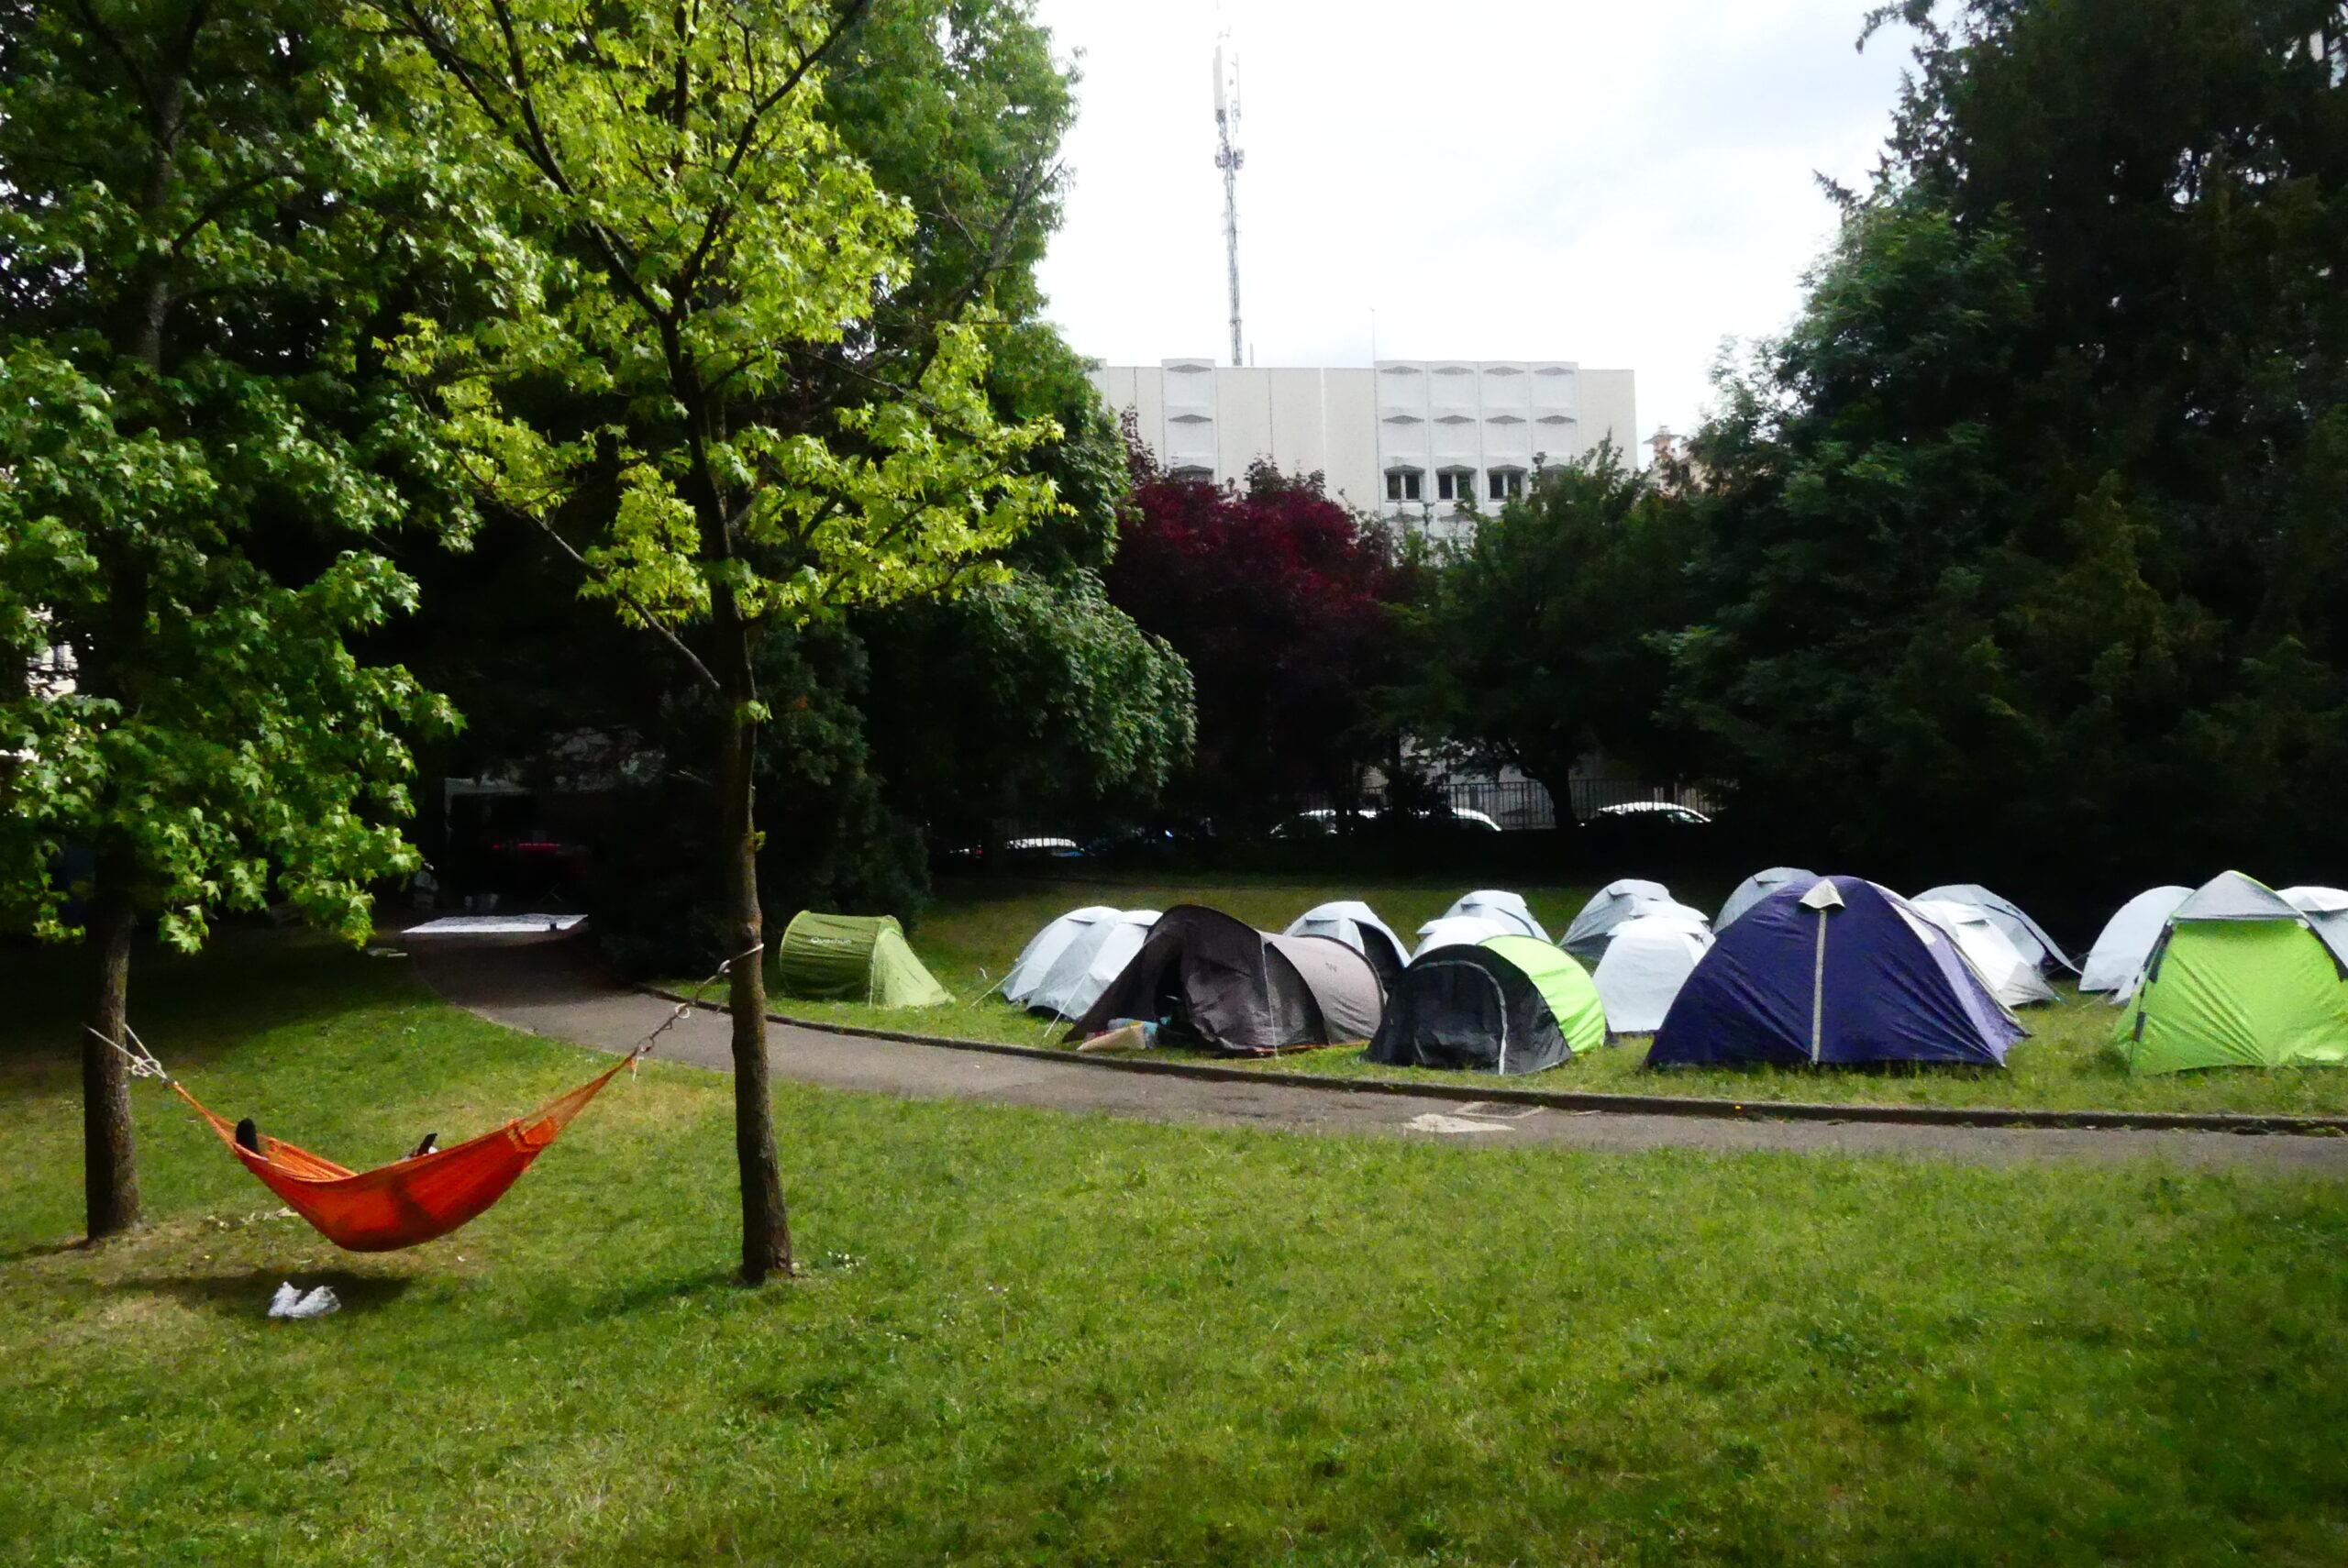 Un campement de migrants à la Croix-Rousse, le 7 juin 2021 rue Hénon.